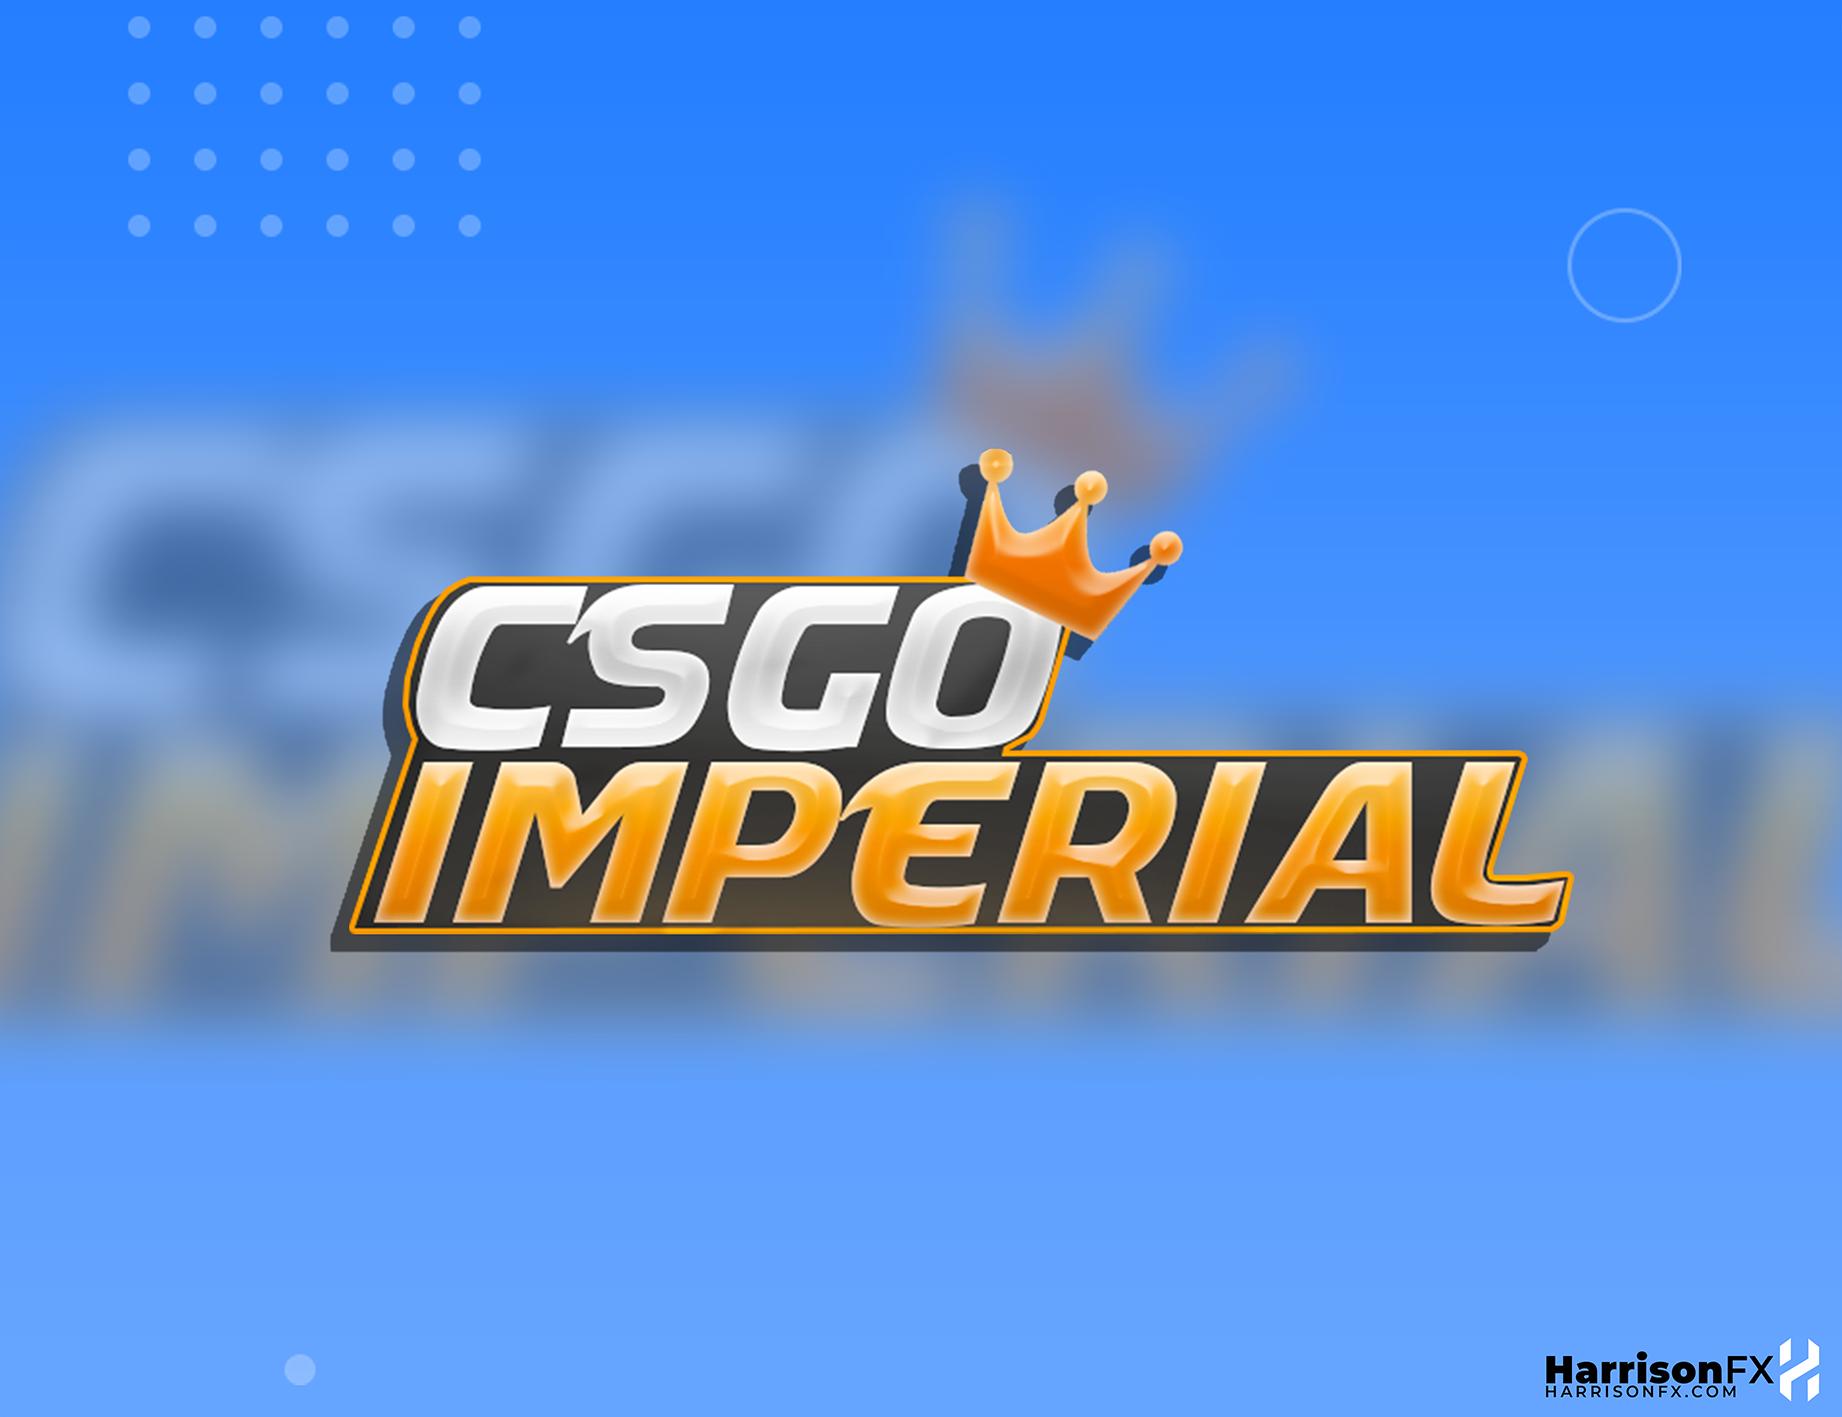 CSGOImperial